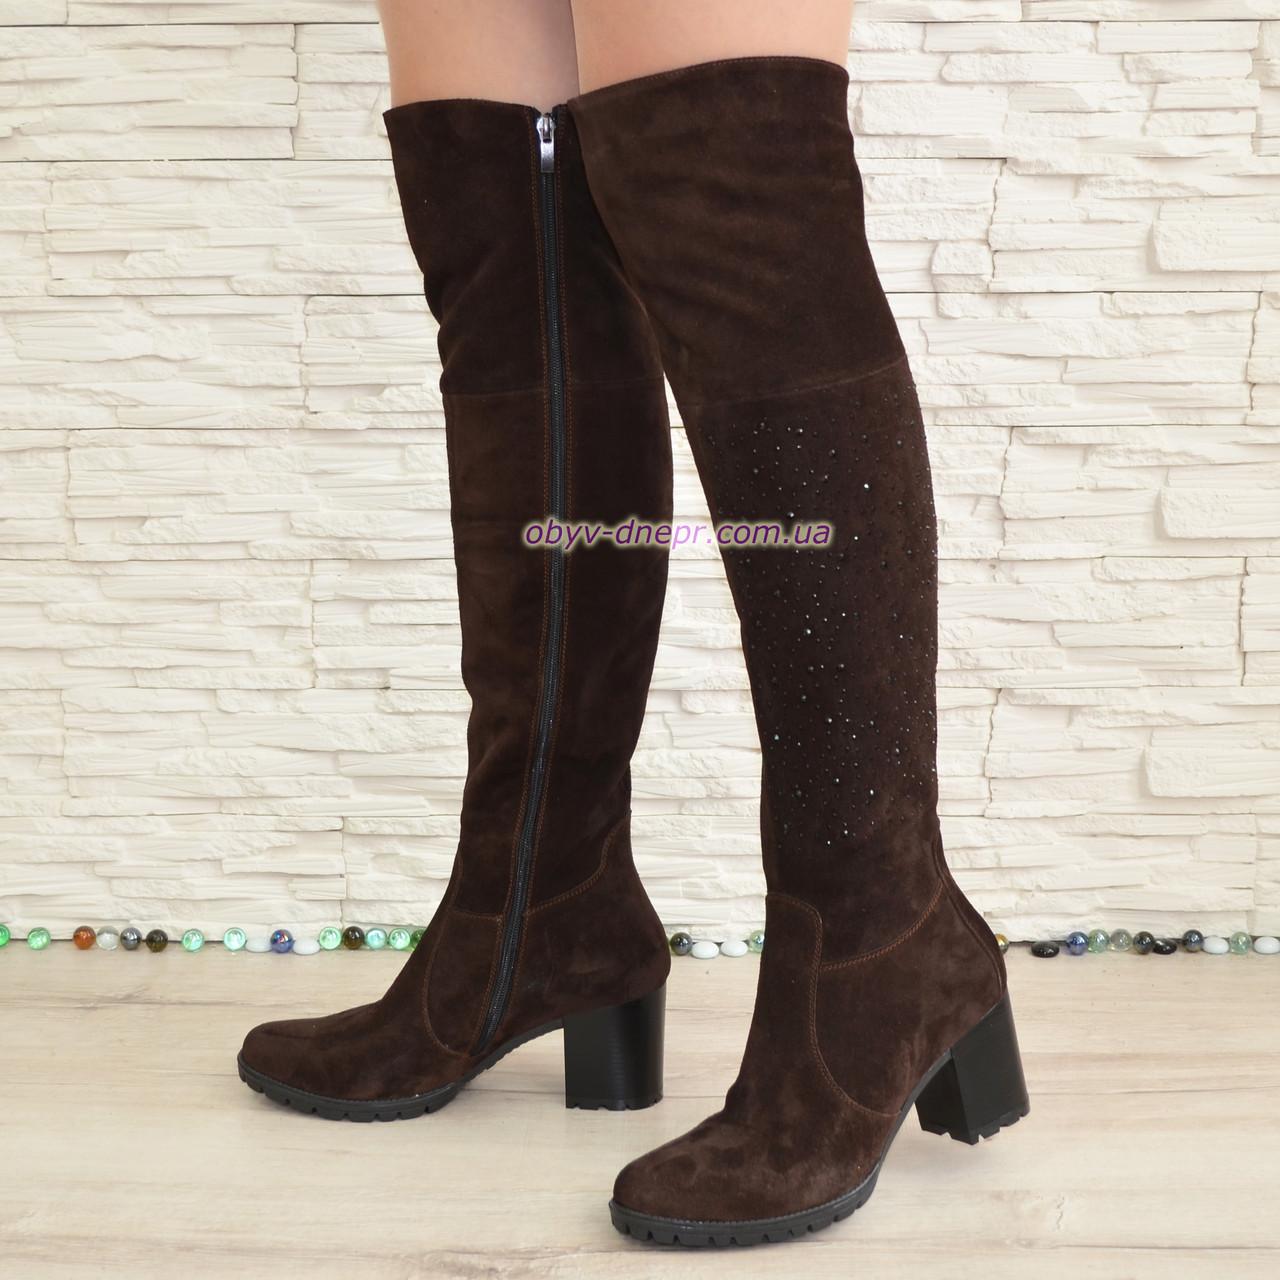 Ботфорты зимние замшевые на устойчивом каблуке, цвет коричневый.